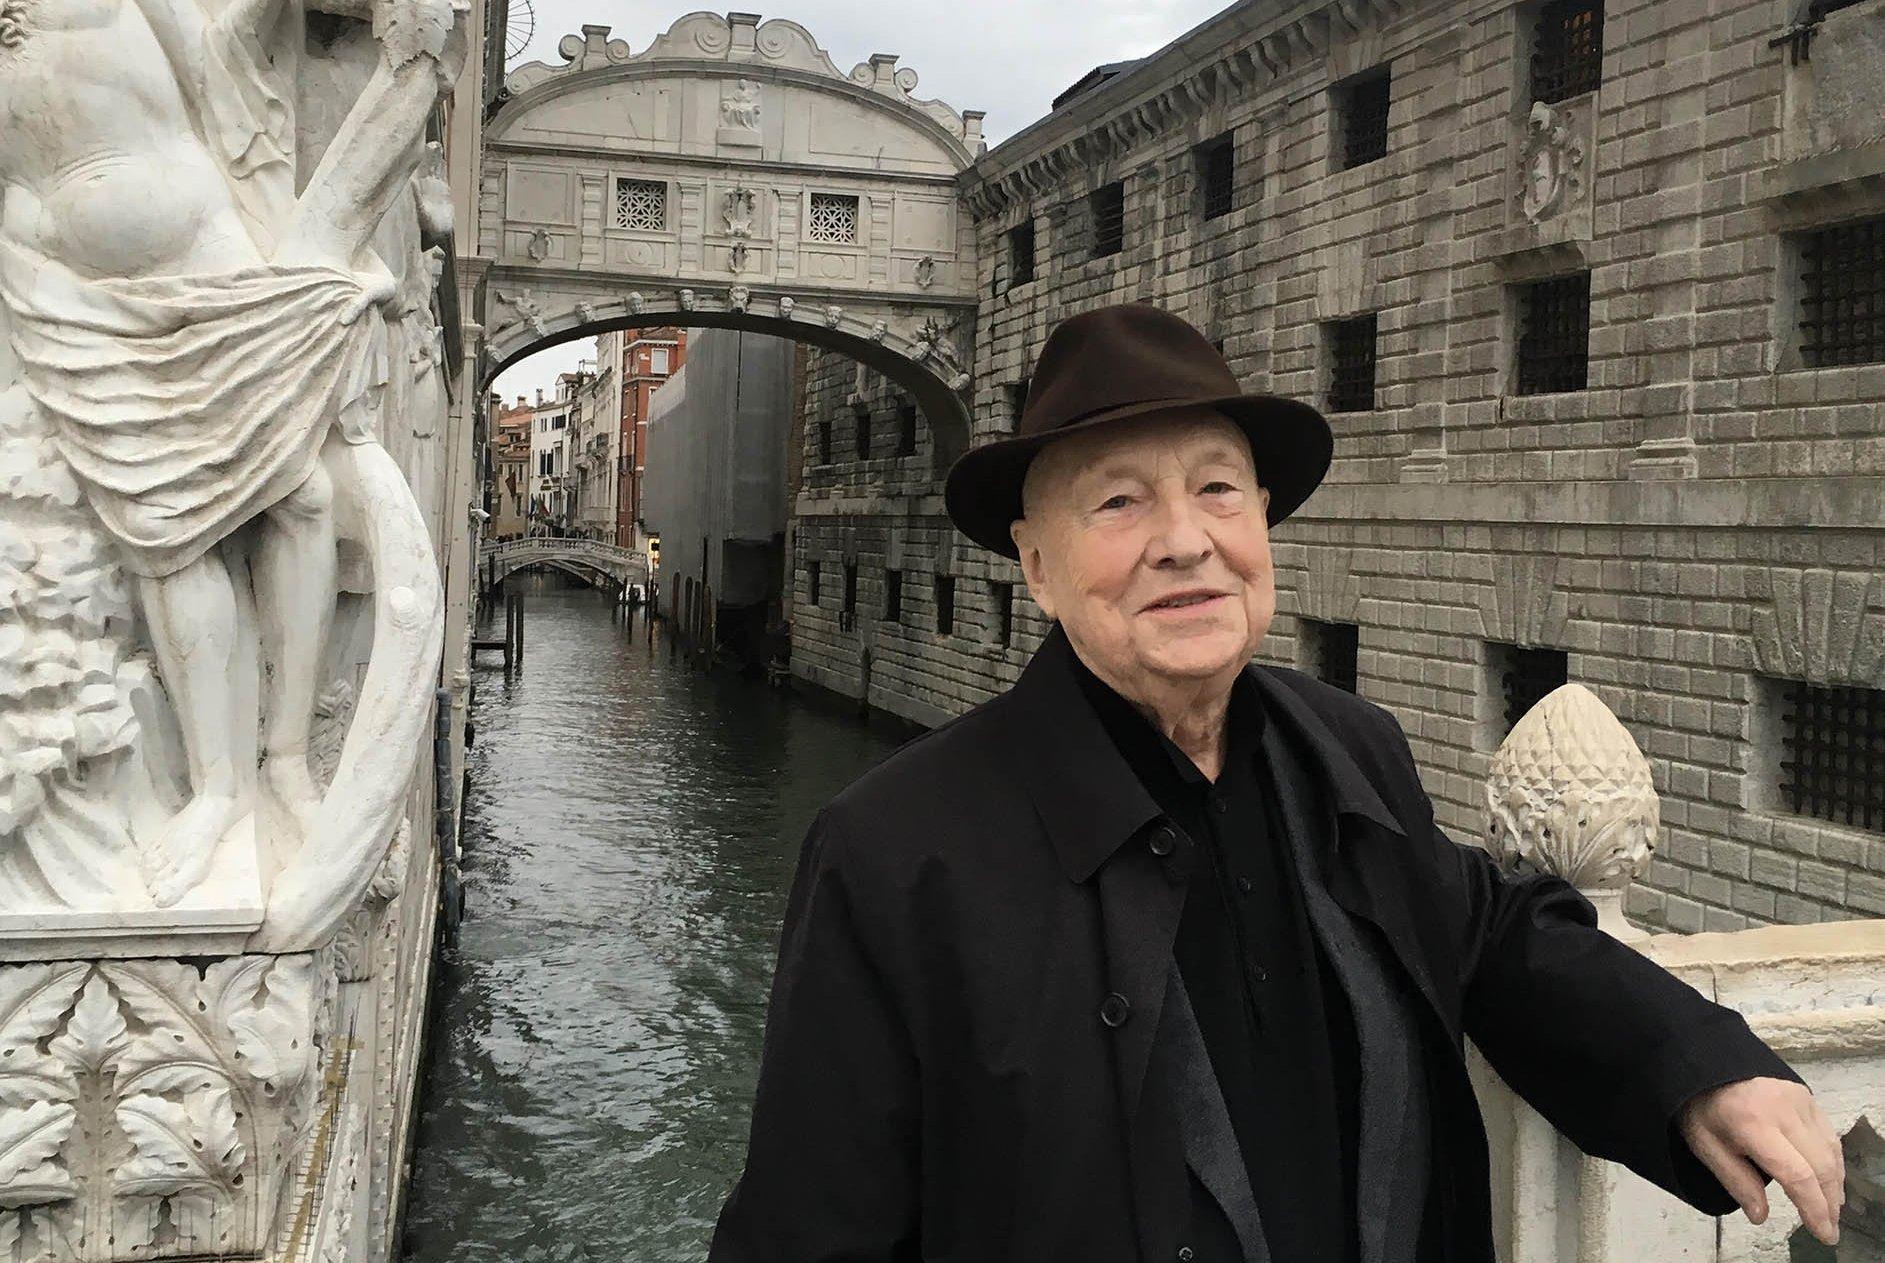 Georg Baselitz a Venezia © Georg Baselitz 2018